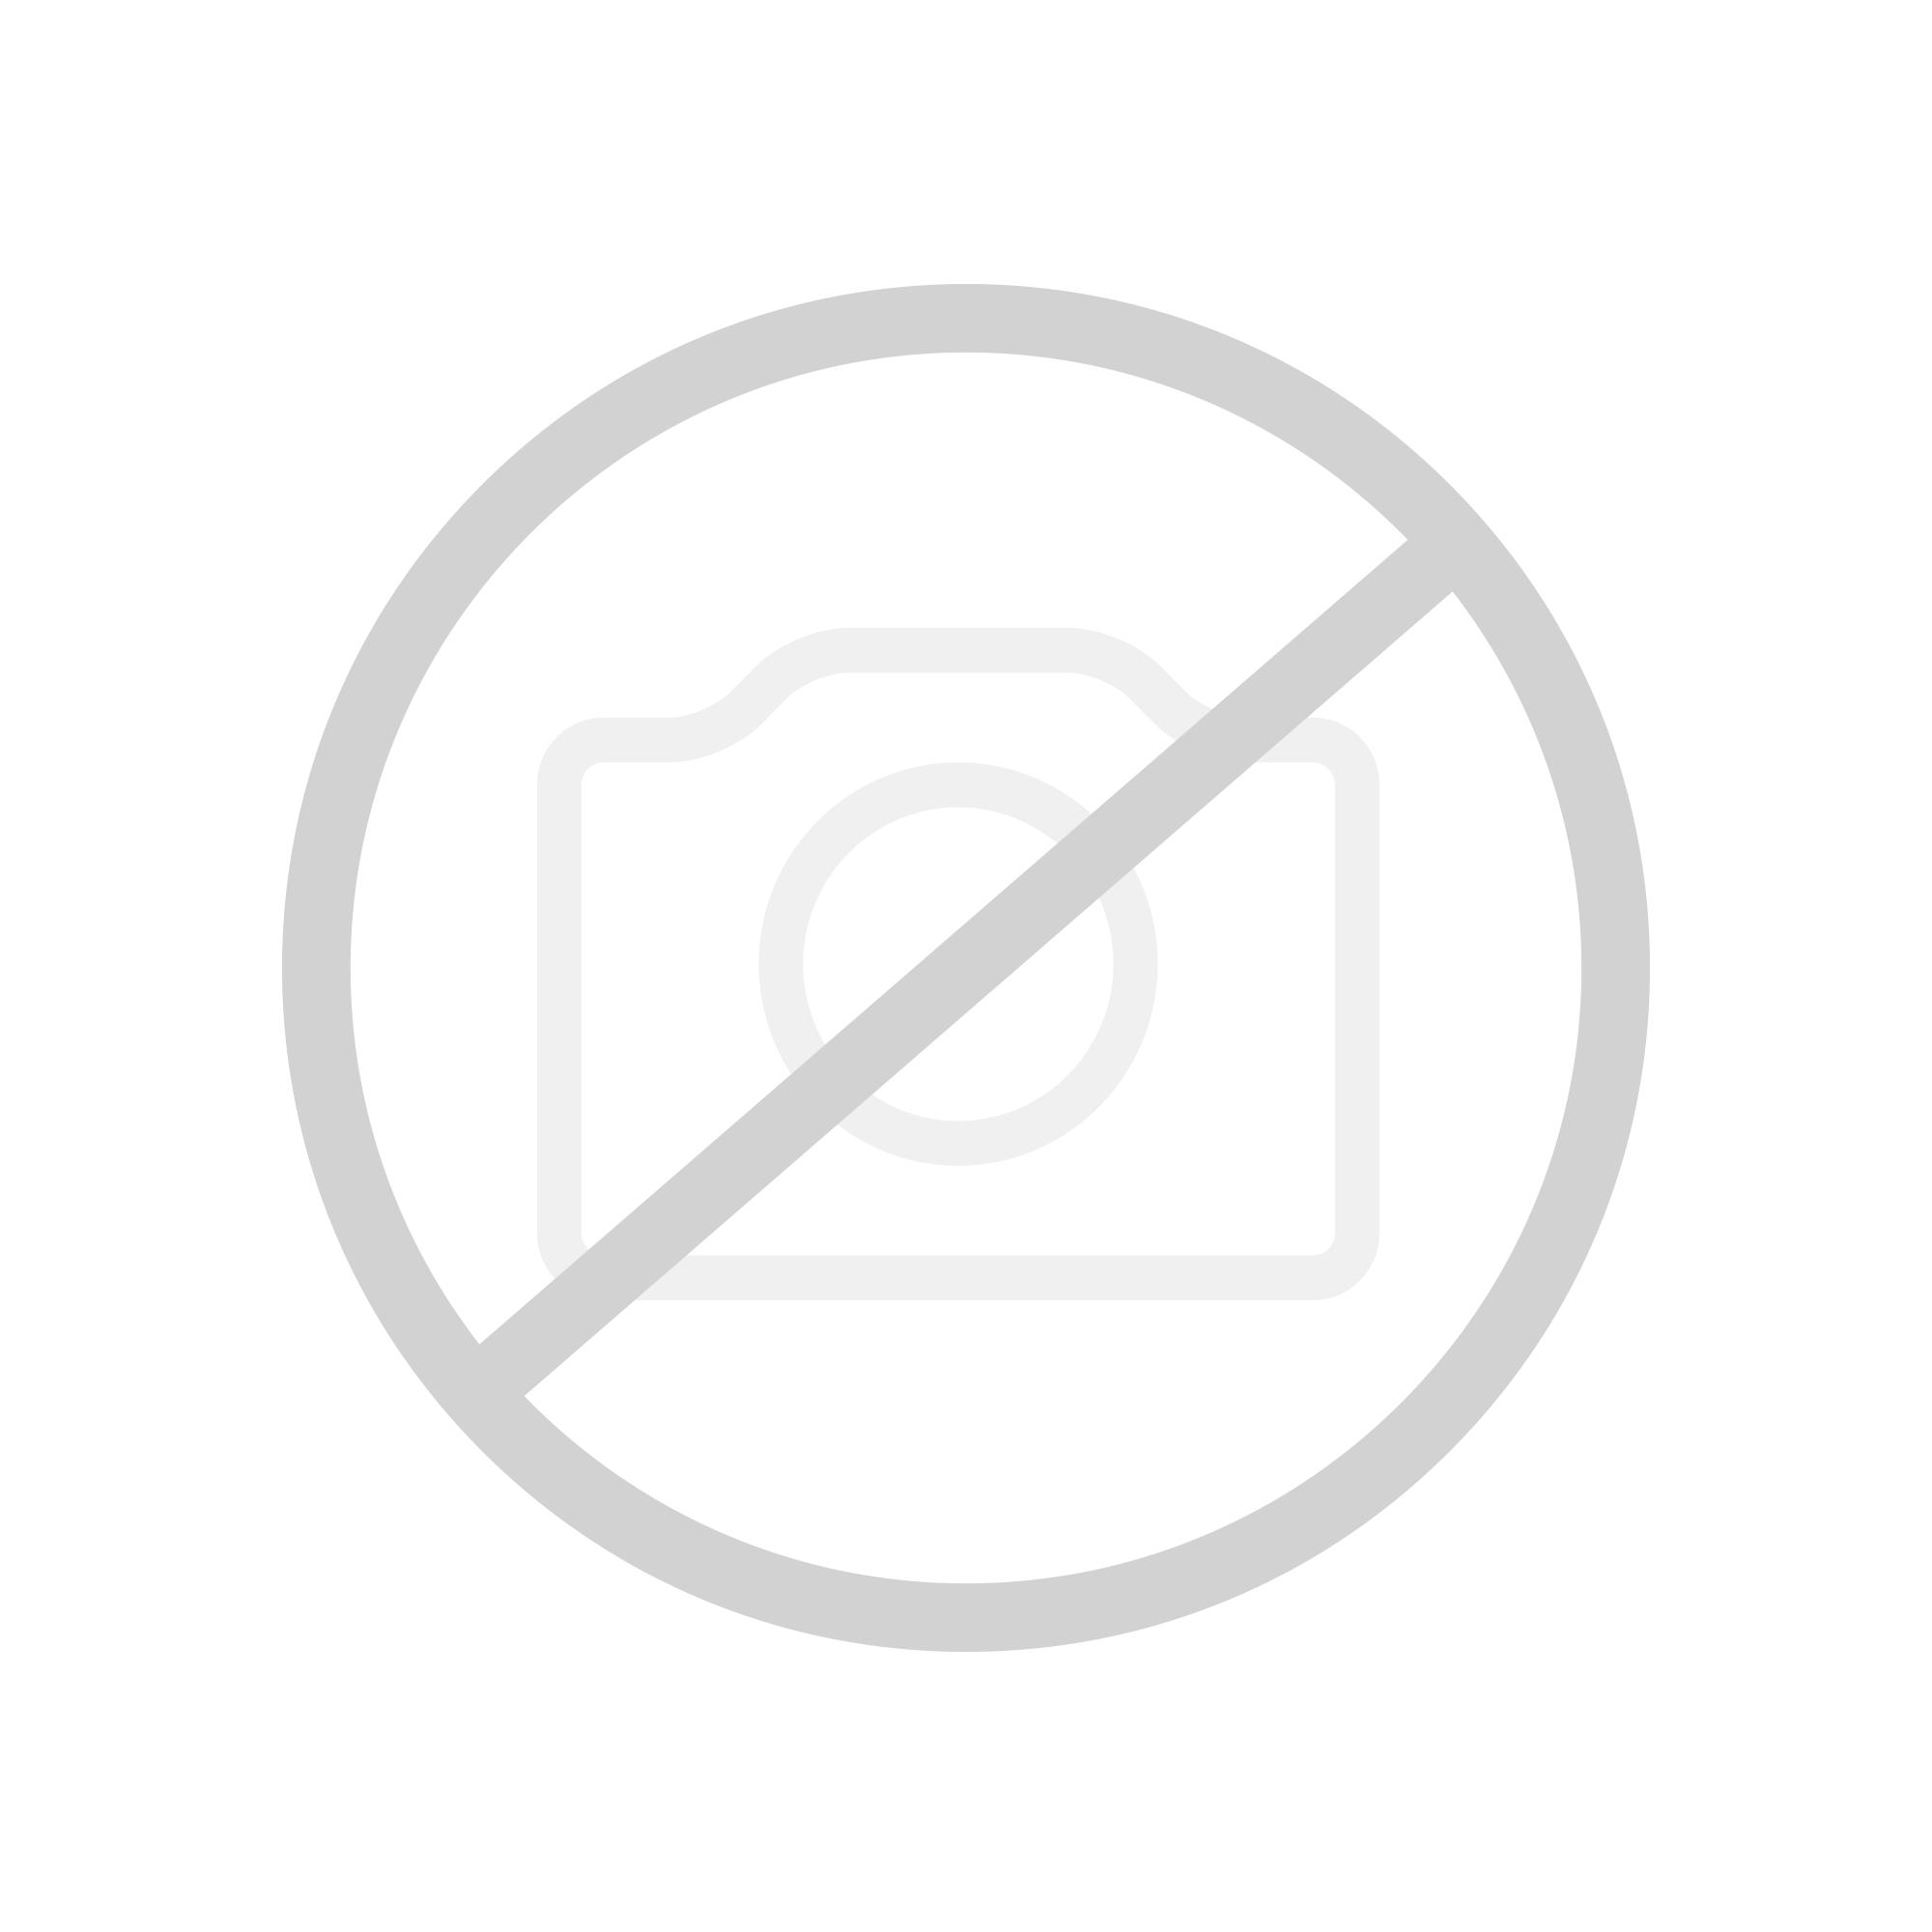 osram led retrofit classic a e27 dimmbar 4052899941465 reuter. Black Bedroom Furniture Sets. Home Design Ideas